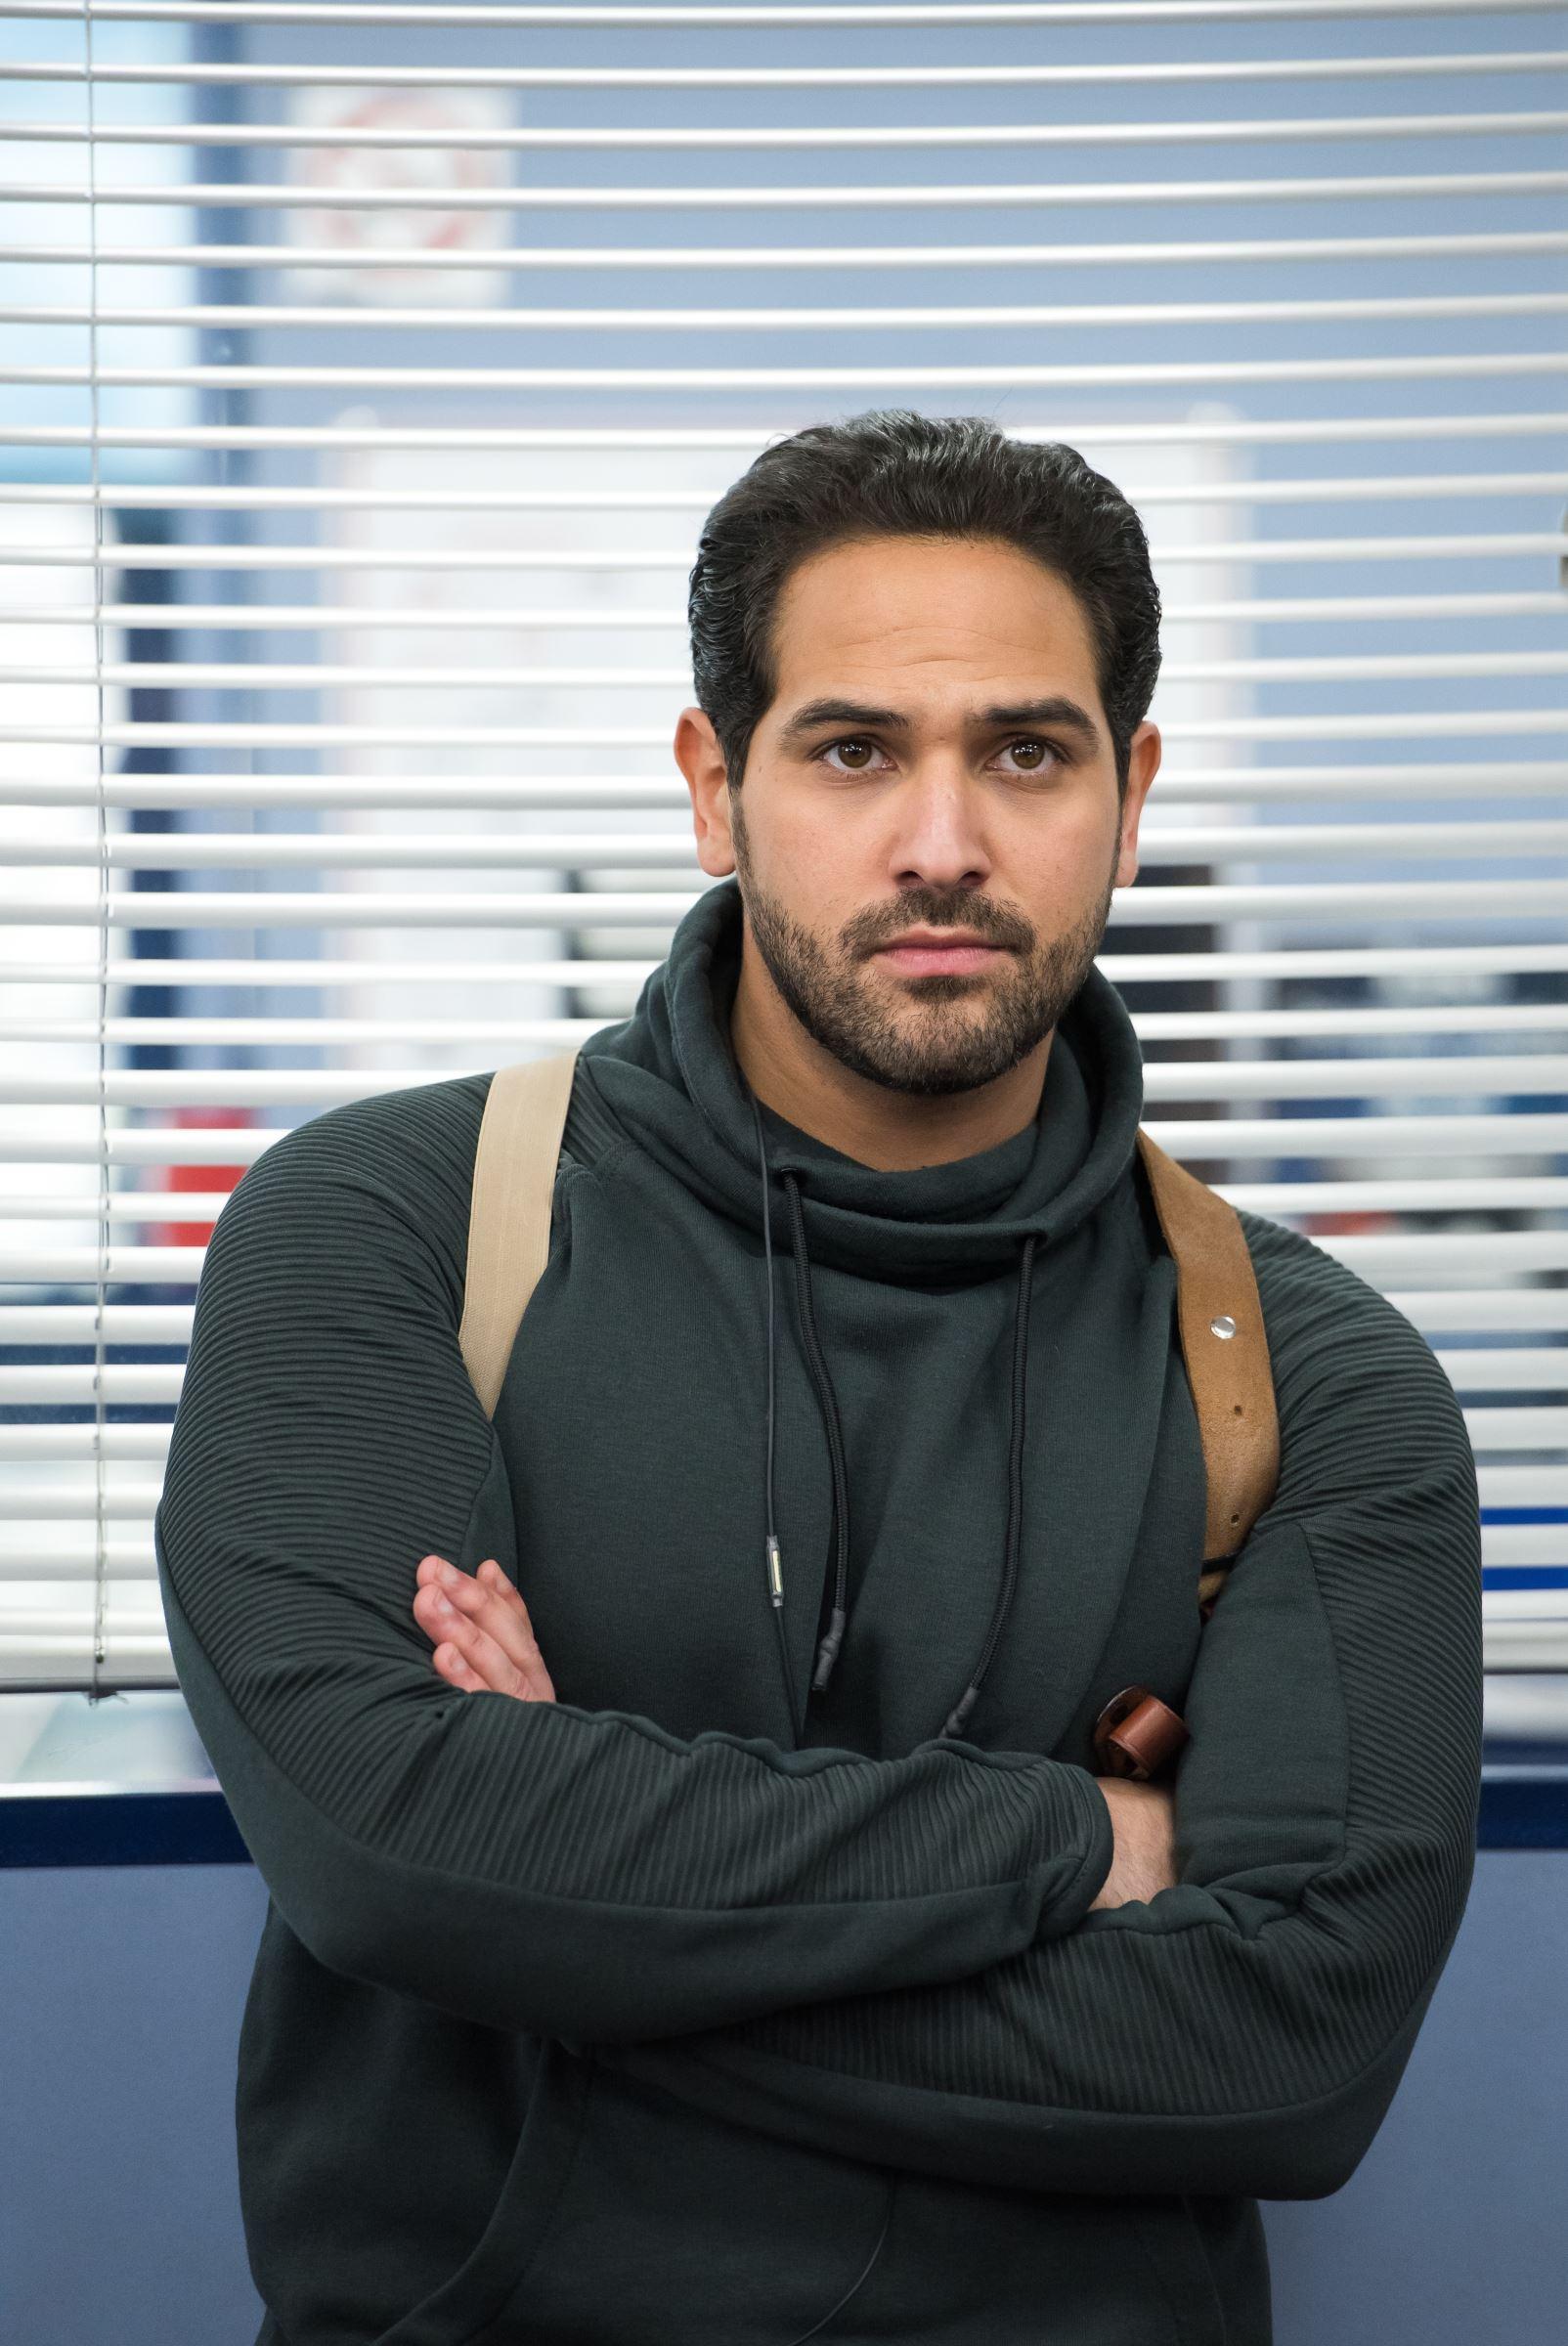 Demain Nous Appartient Karim : demain, appartient, karim, Interview., Gharbi, Revient, Demain, Appartient..., Télé